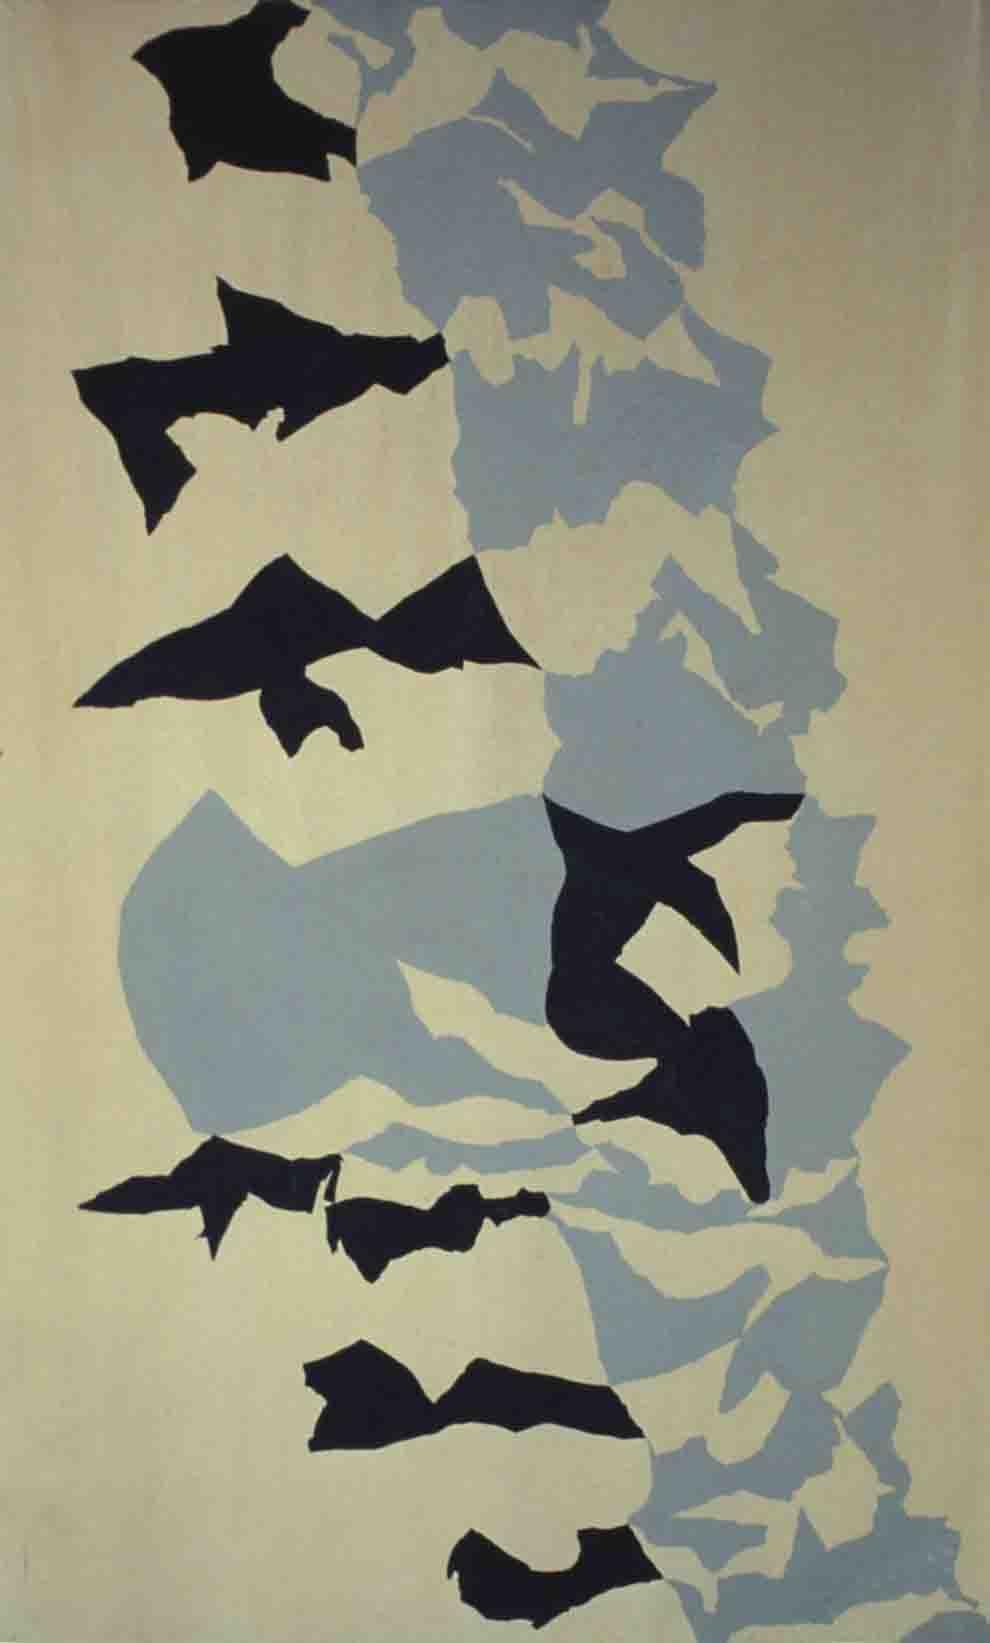 ALBERT AYME - Drap Mural n° 4 - 1962